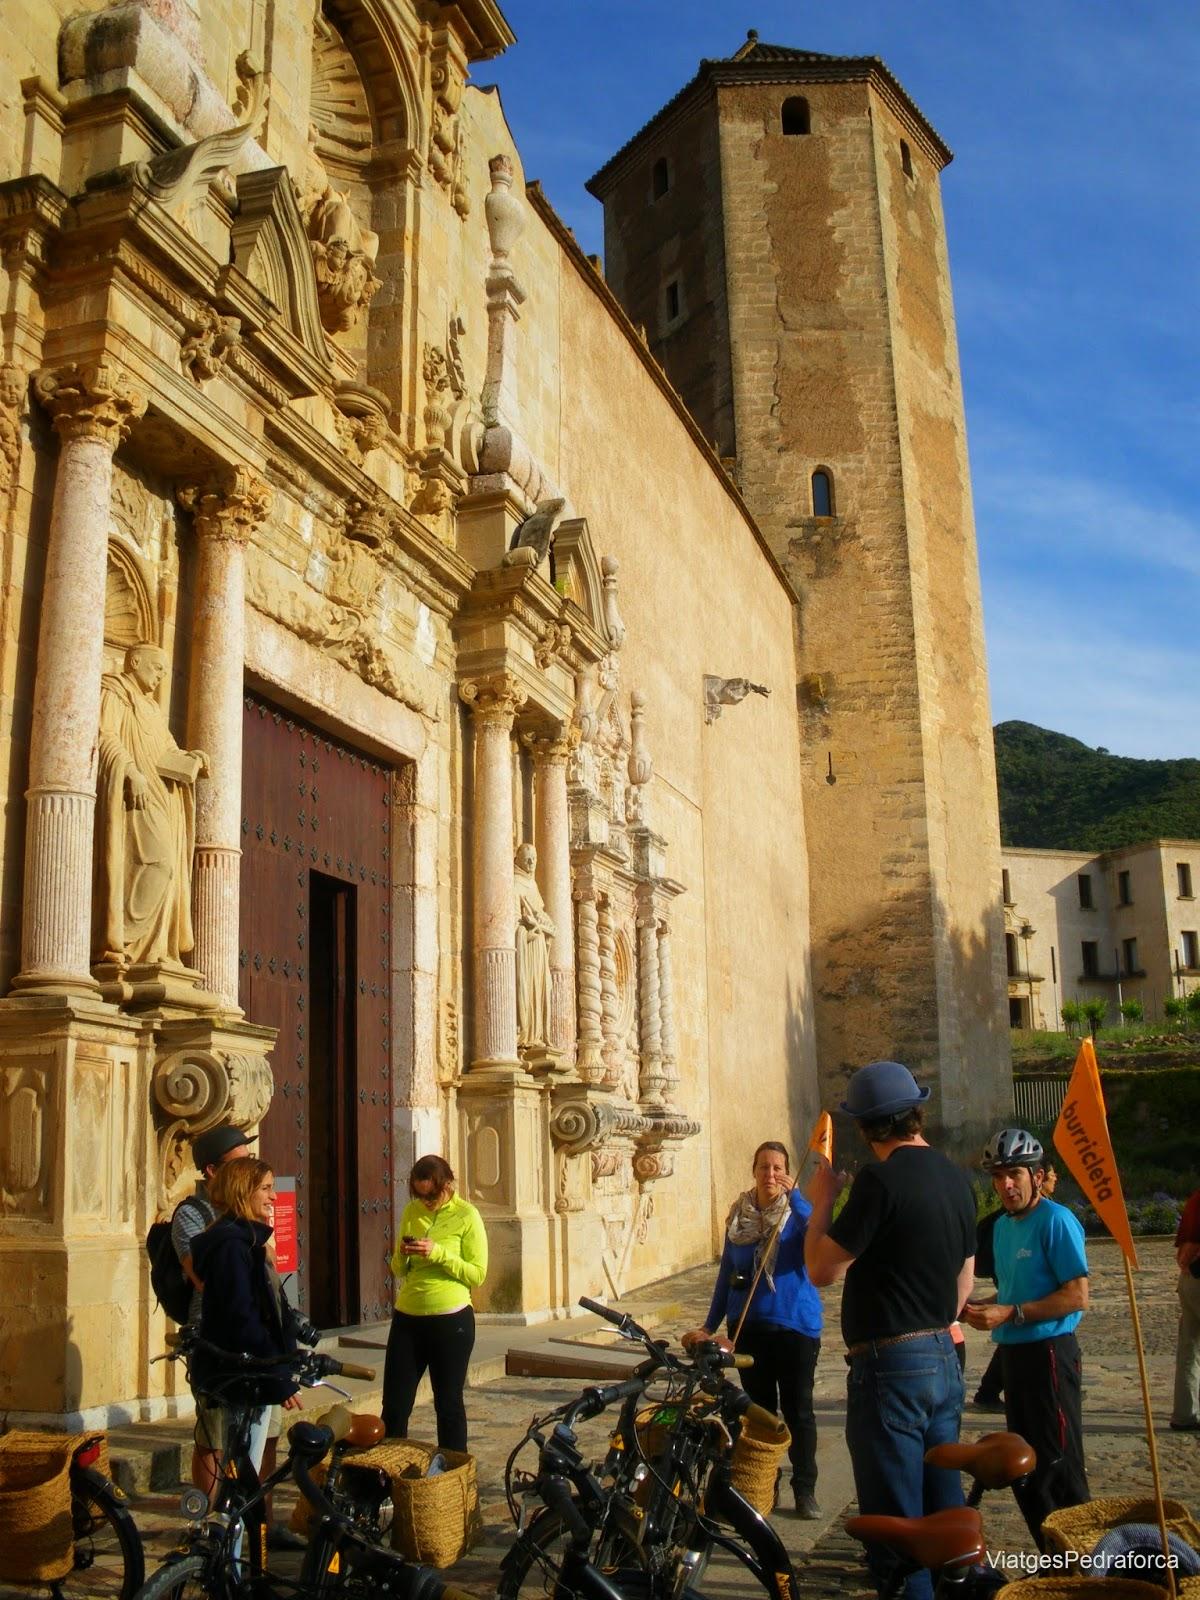 Portada de l'església del Monestir cistercenc de Poblet Vimbodí Conca de Barberà